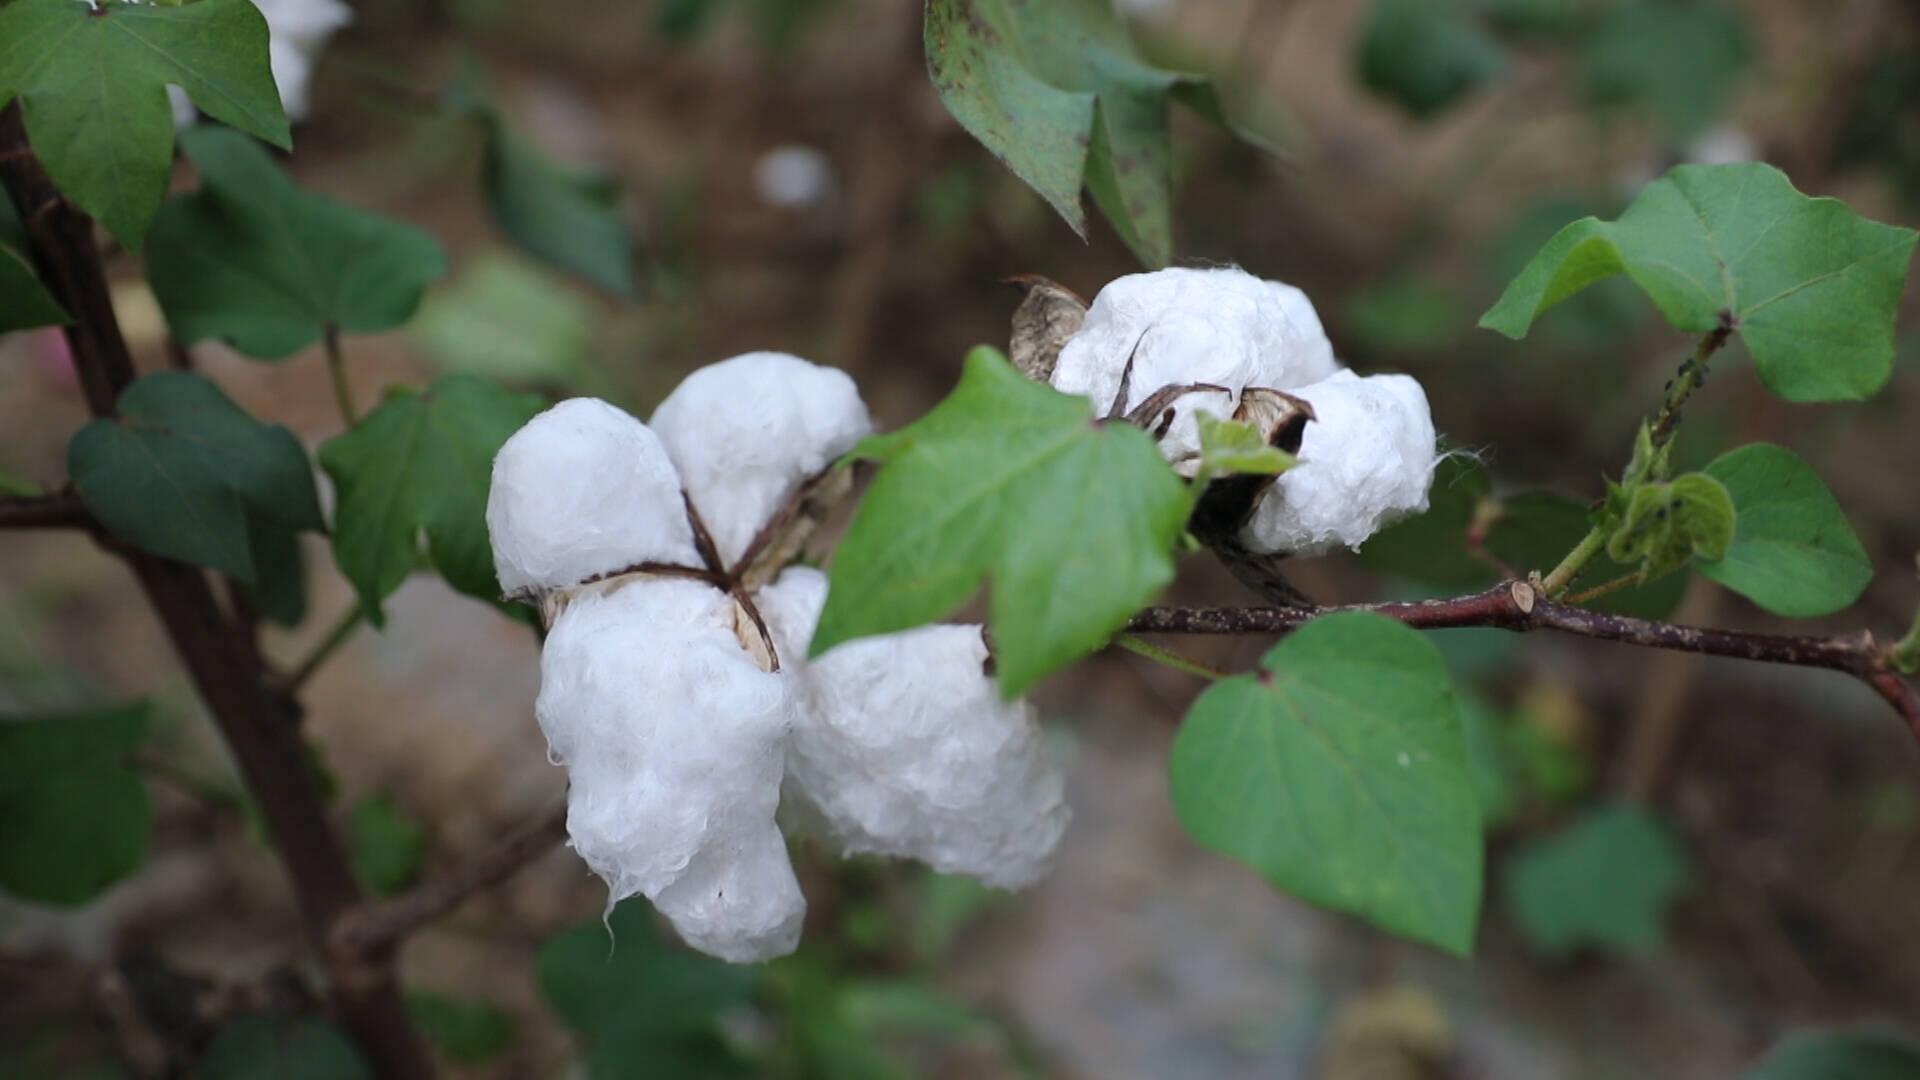 德州夏津农技专家走进田间地头 指导农户做好棉田管理